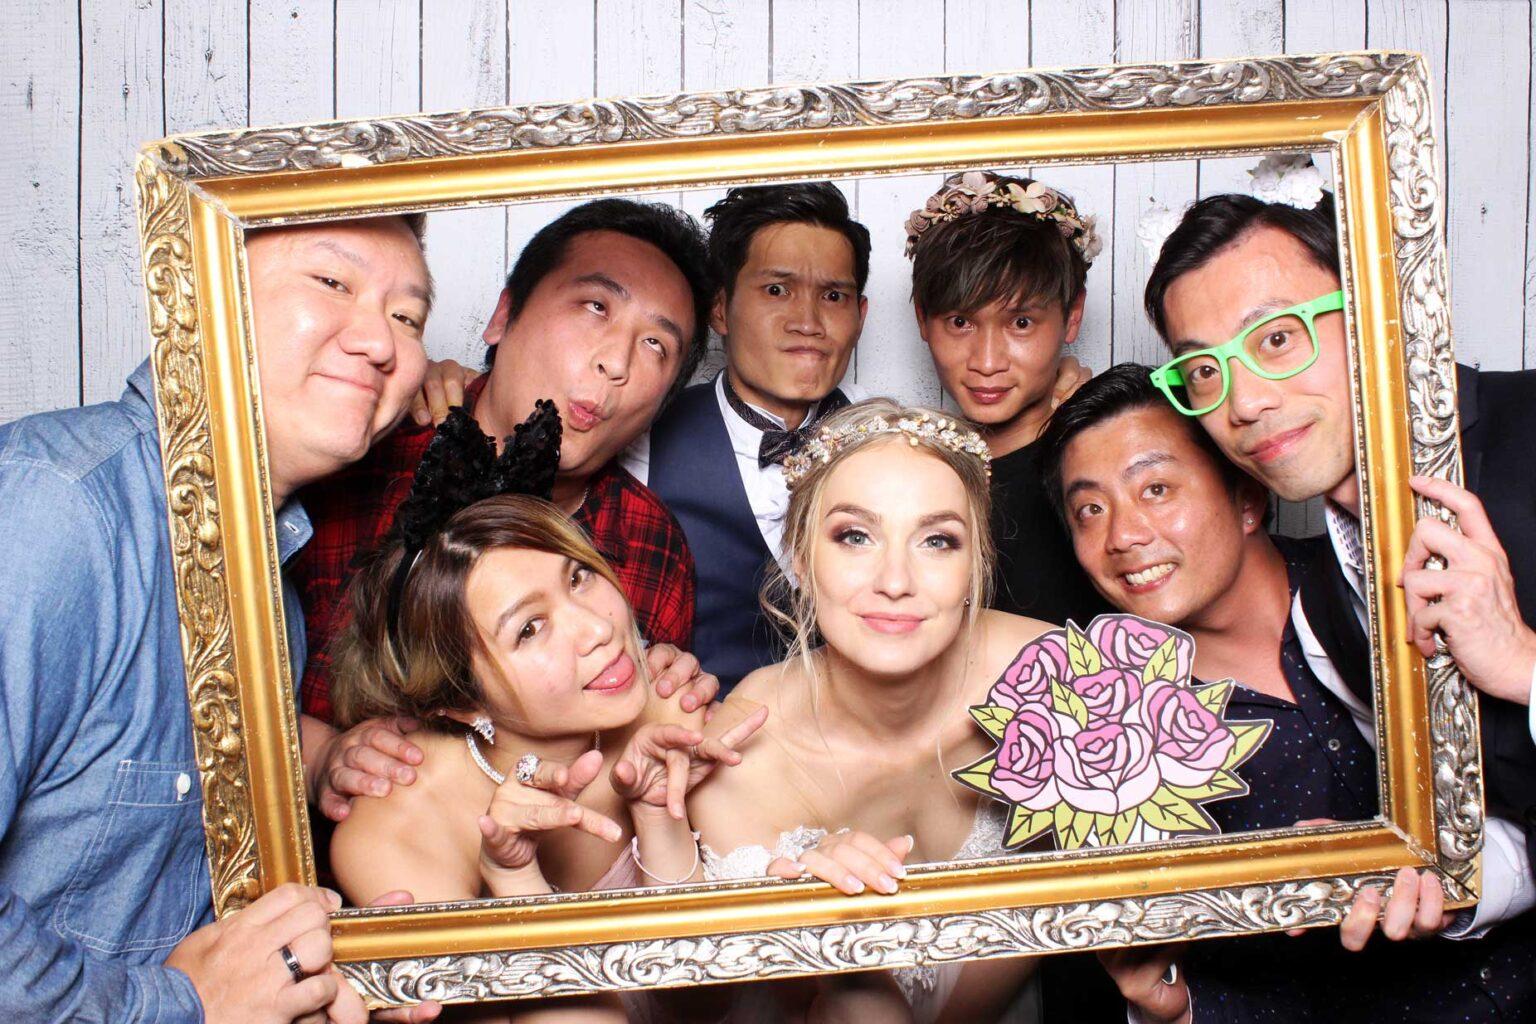 Pozadie drevené - svadba - fotokútik - svadobná fotobúdka.